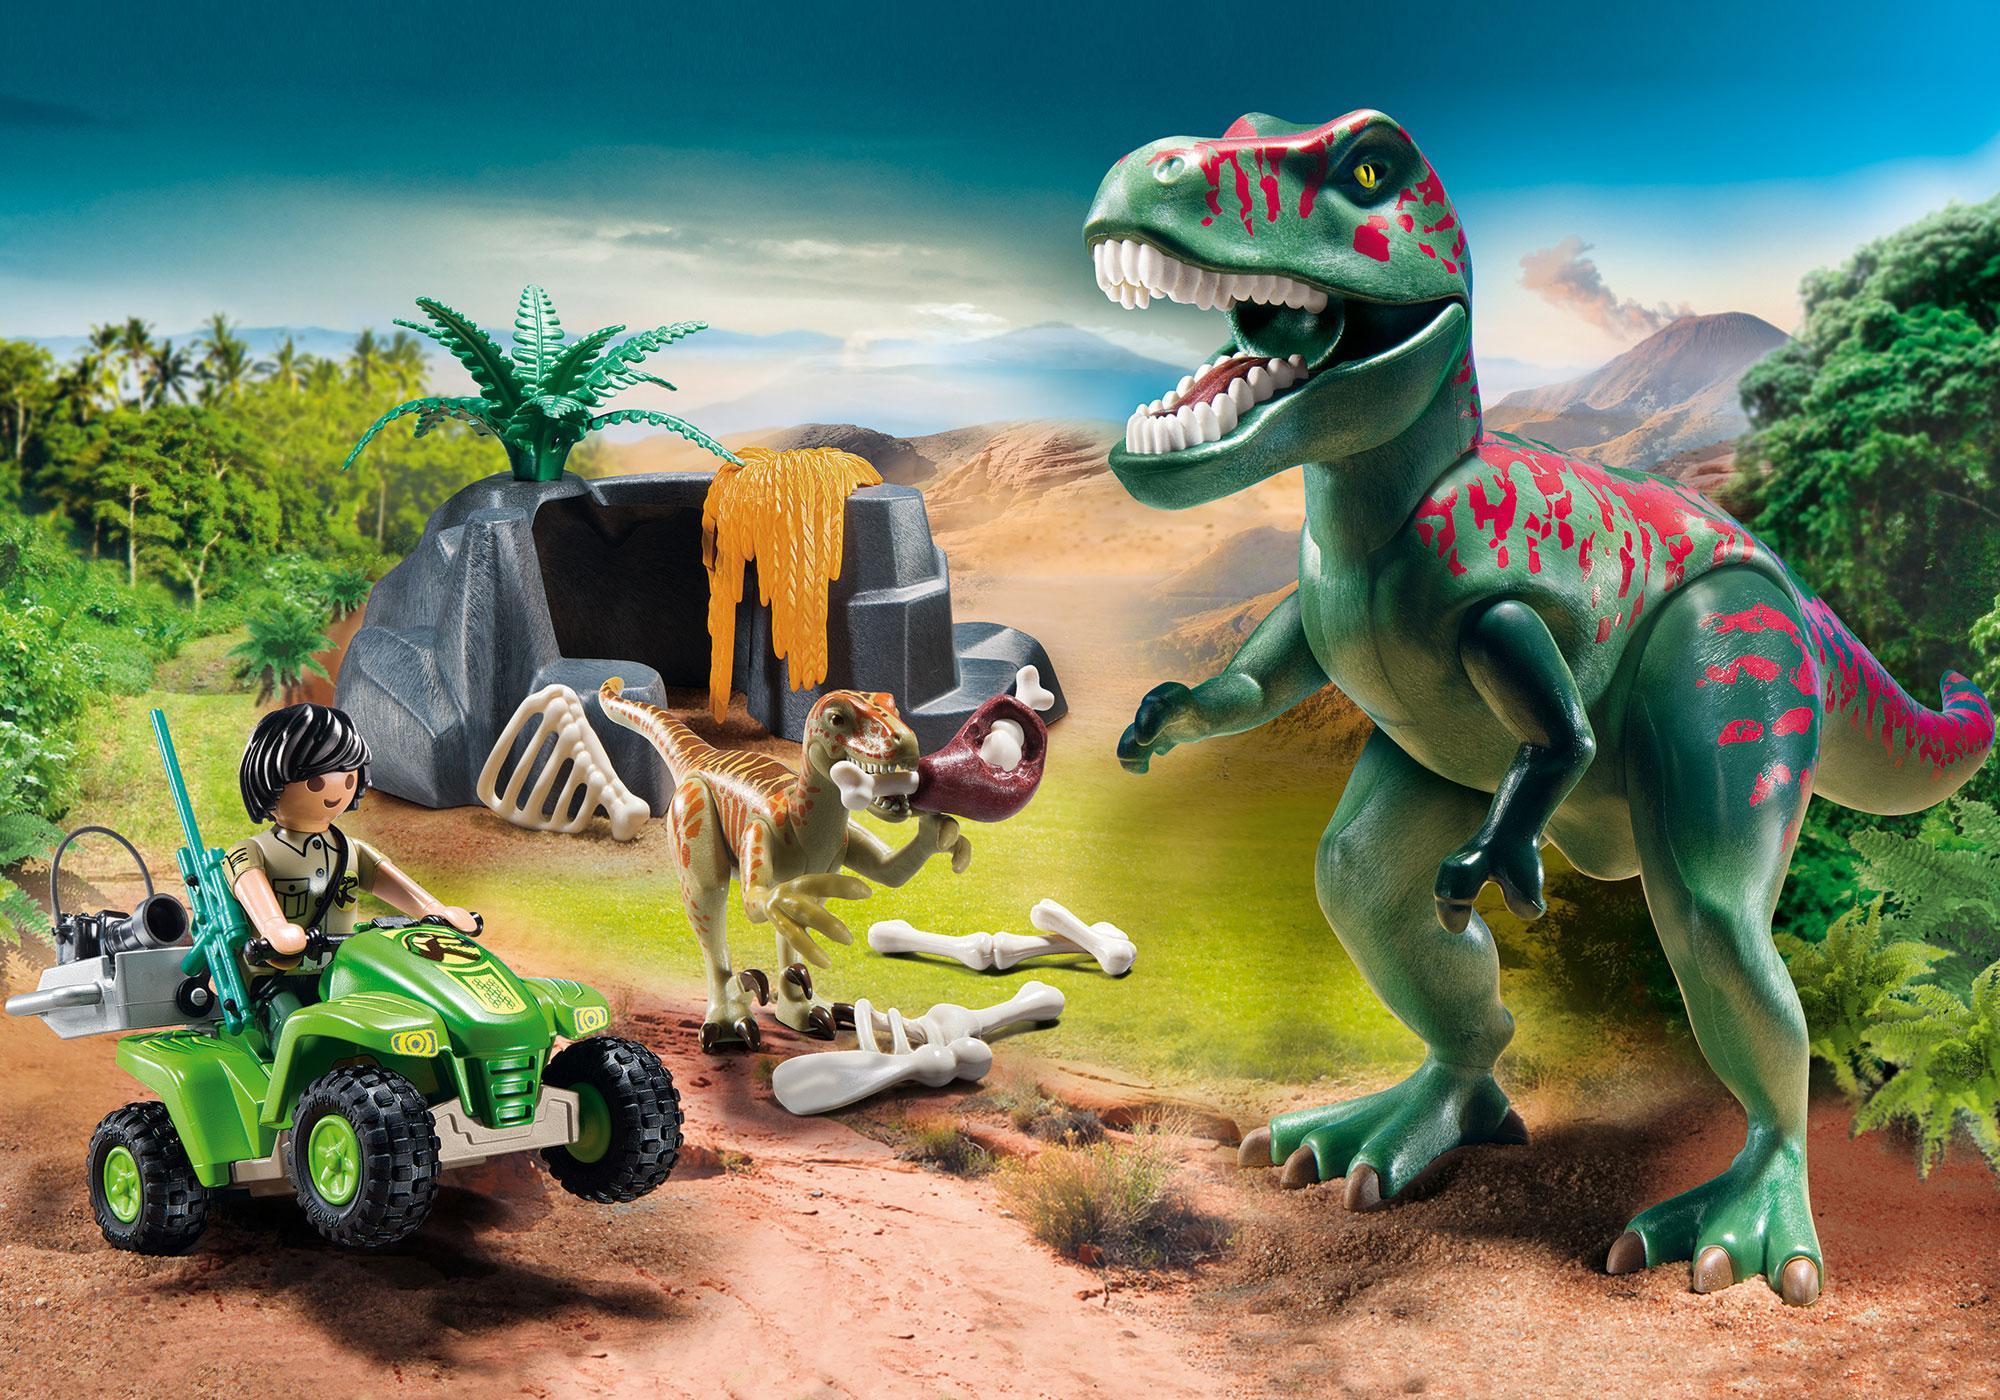 9231_product_detail/Explorer Quad with T-Rex